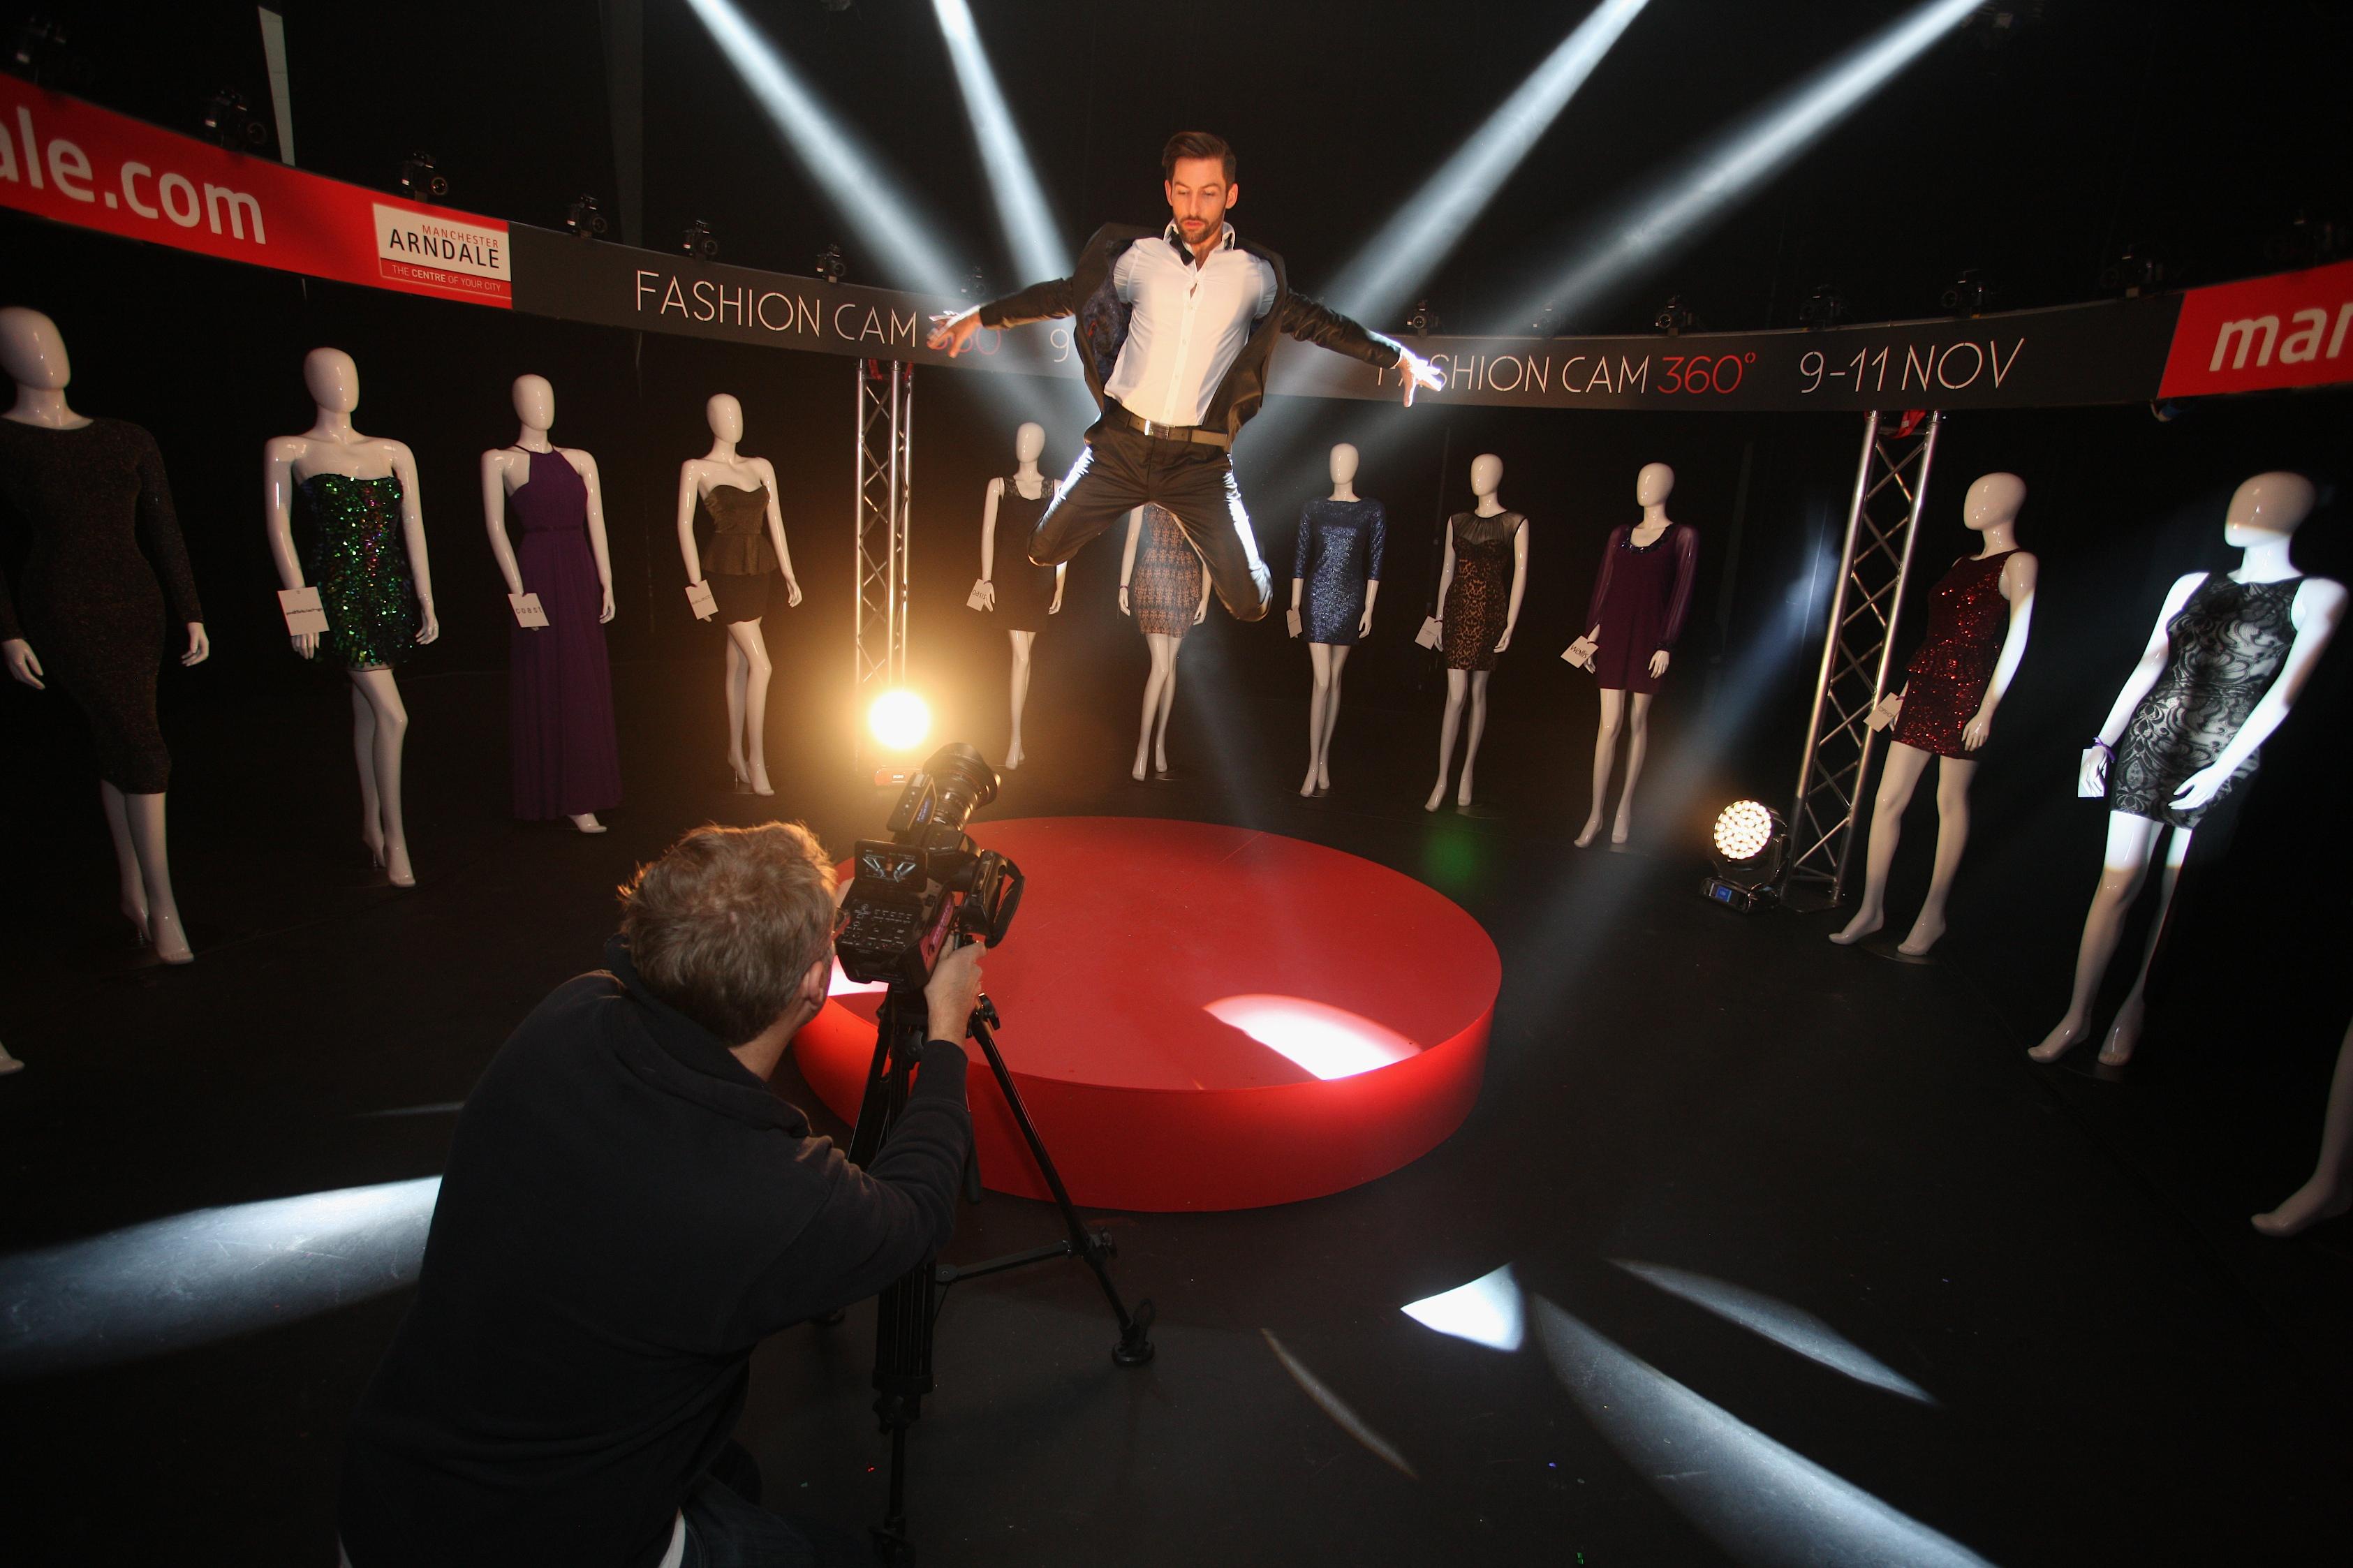 FashionCam360